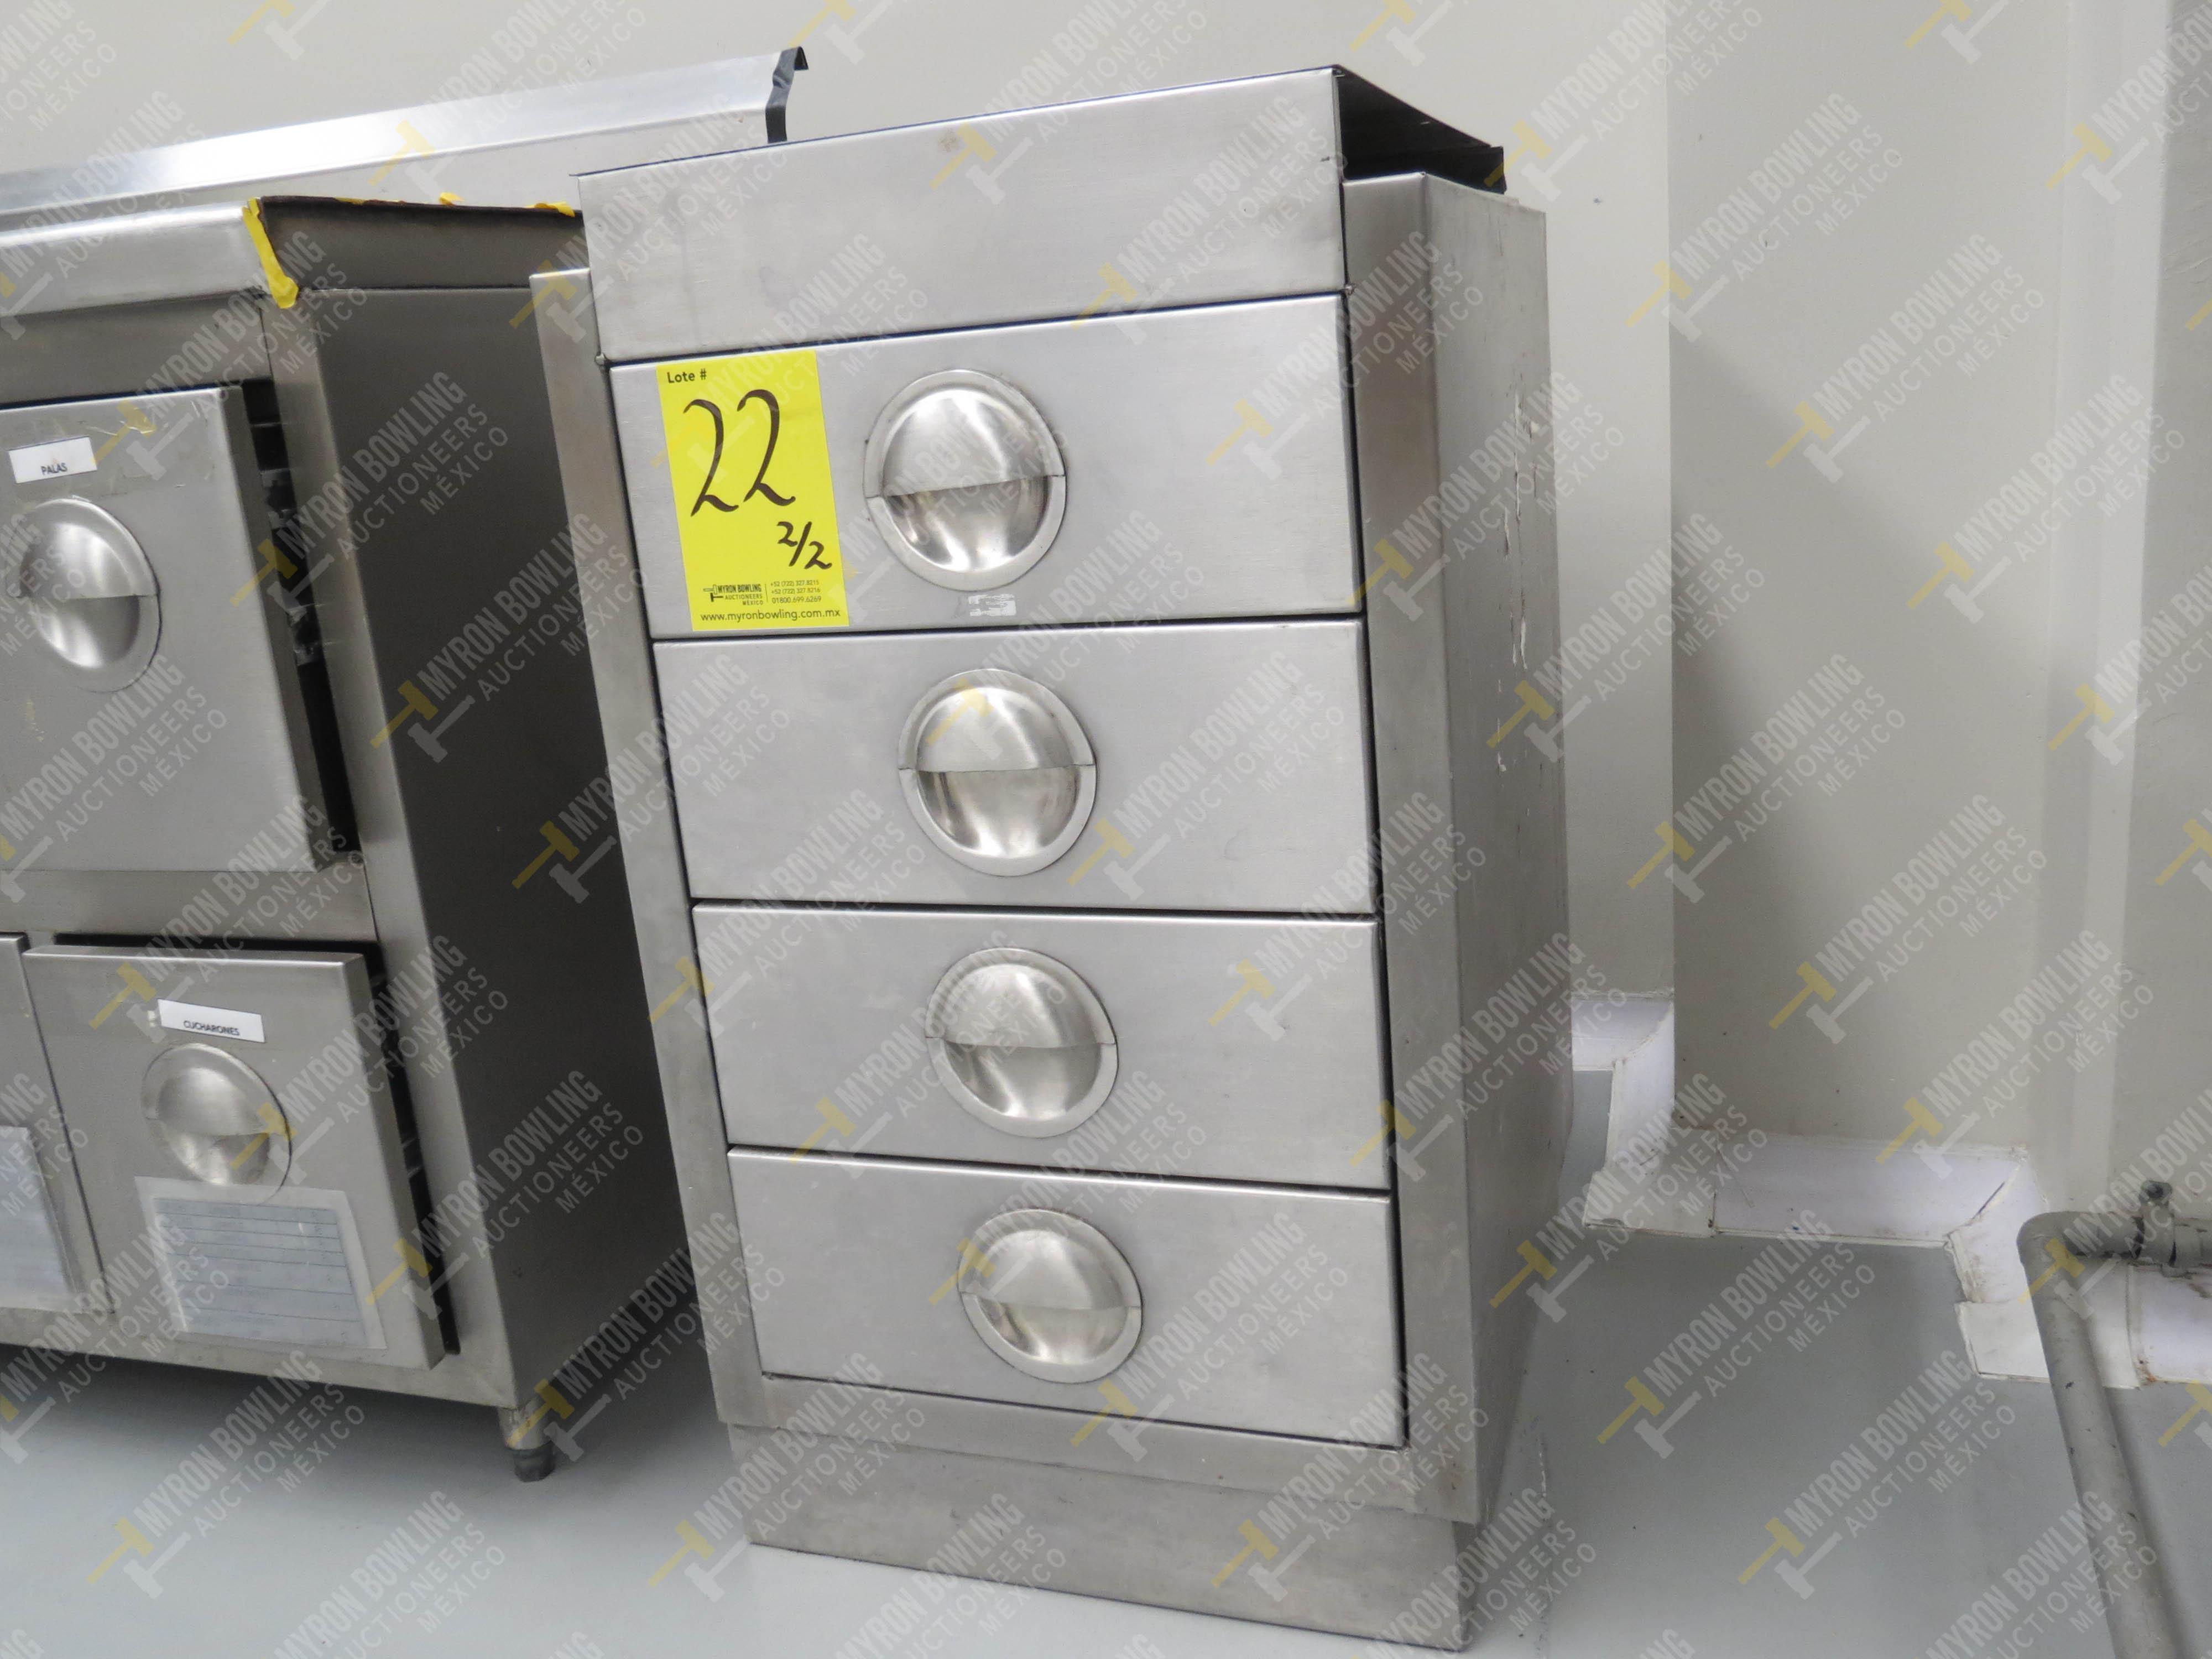 Estante en acero inoxidable con 4 cajones y dos puertas abatibles medidas 1.83 x .70 x .90 - Image 8 of 8